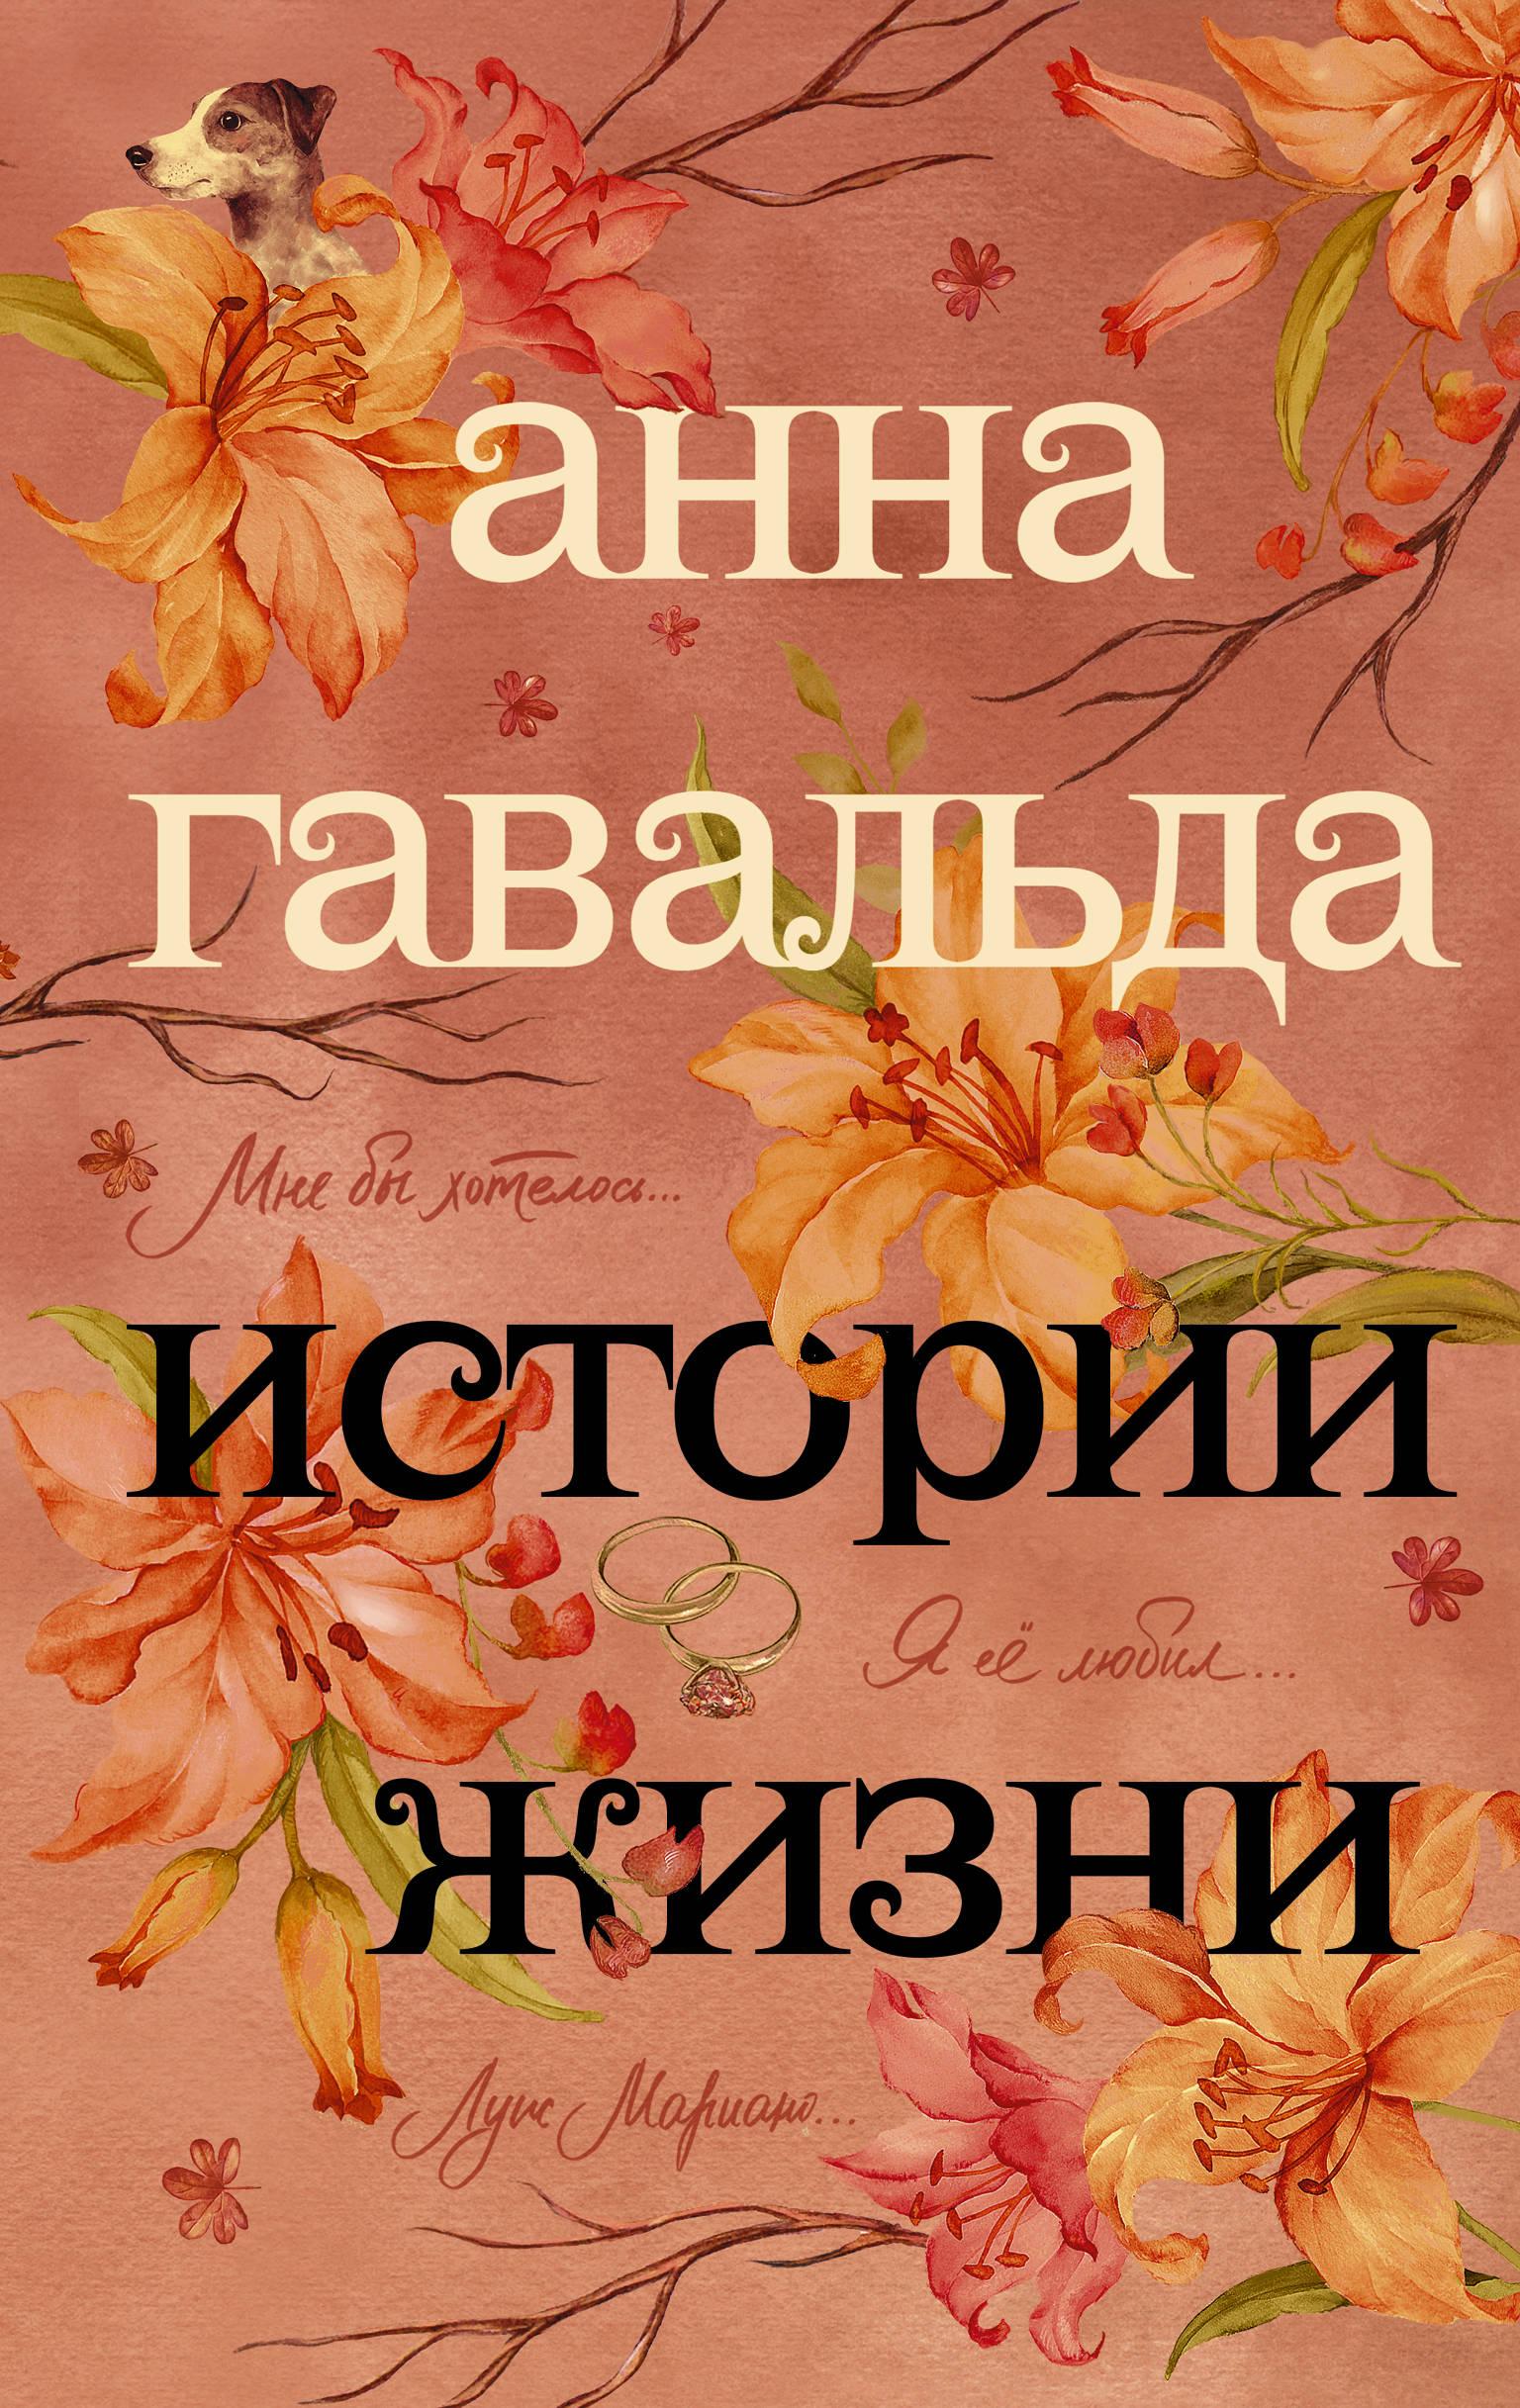 Анна Гавальда Истории жизни. Я ее любил. Мне бы хотелось. Луис Мариано гавальда анна луис мариано или глоток свободы с последствиями роман